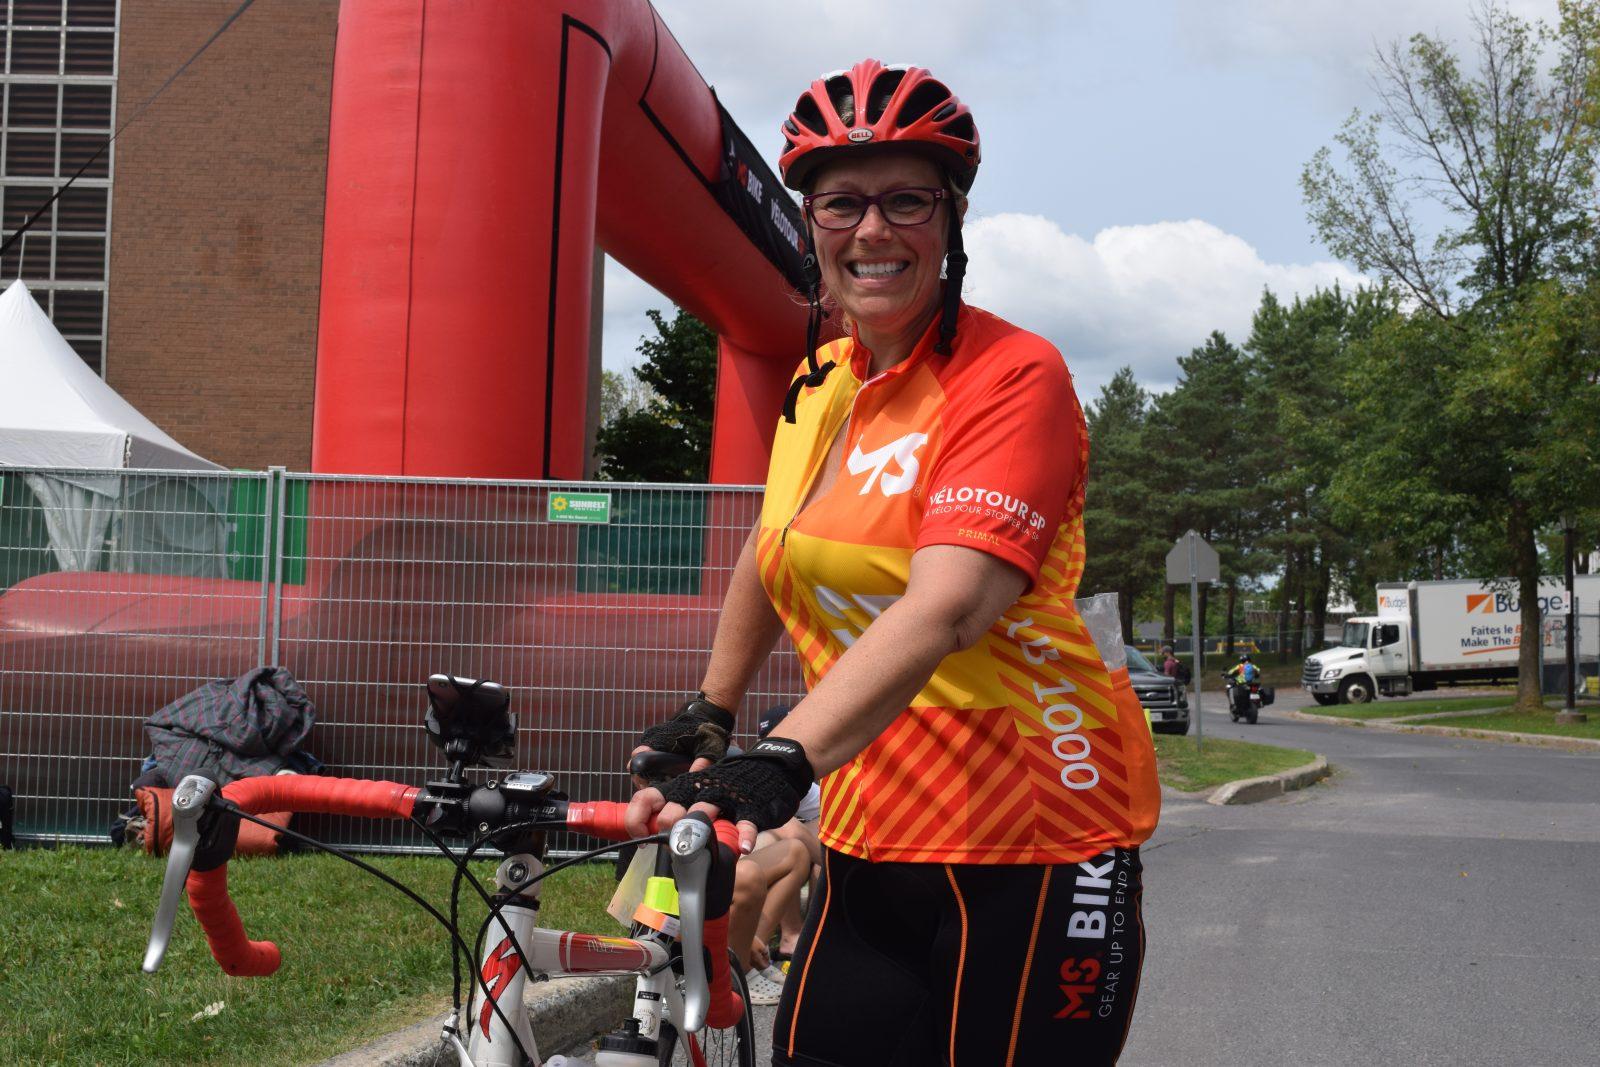 MS Bike seeking volunteers